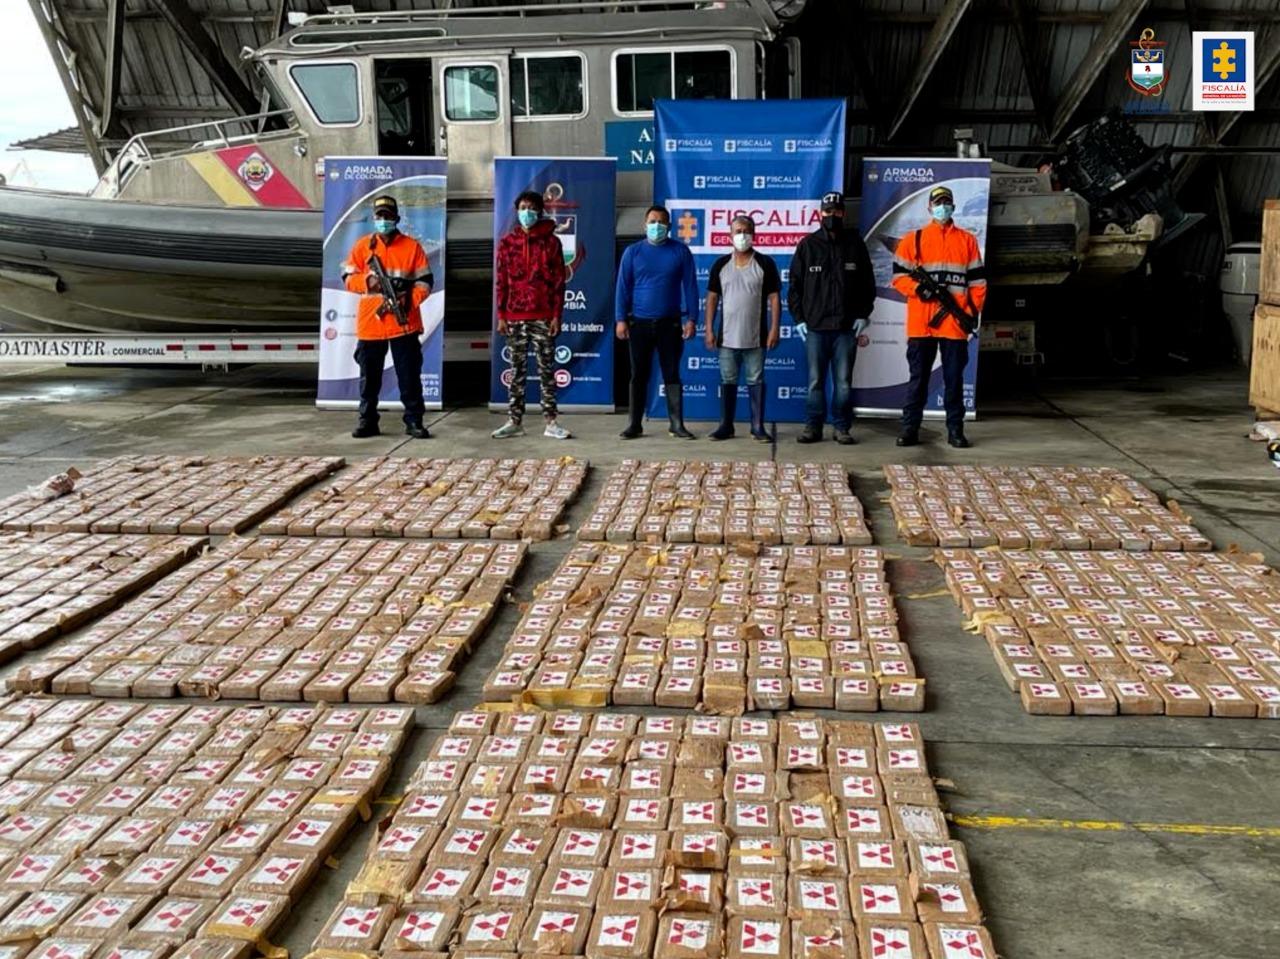 Cárcel para tres hombres que al parecer transportaban media tonelada de cocaína en una lancha hacia Panamá - Noticias de Colombia